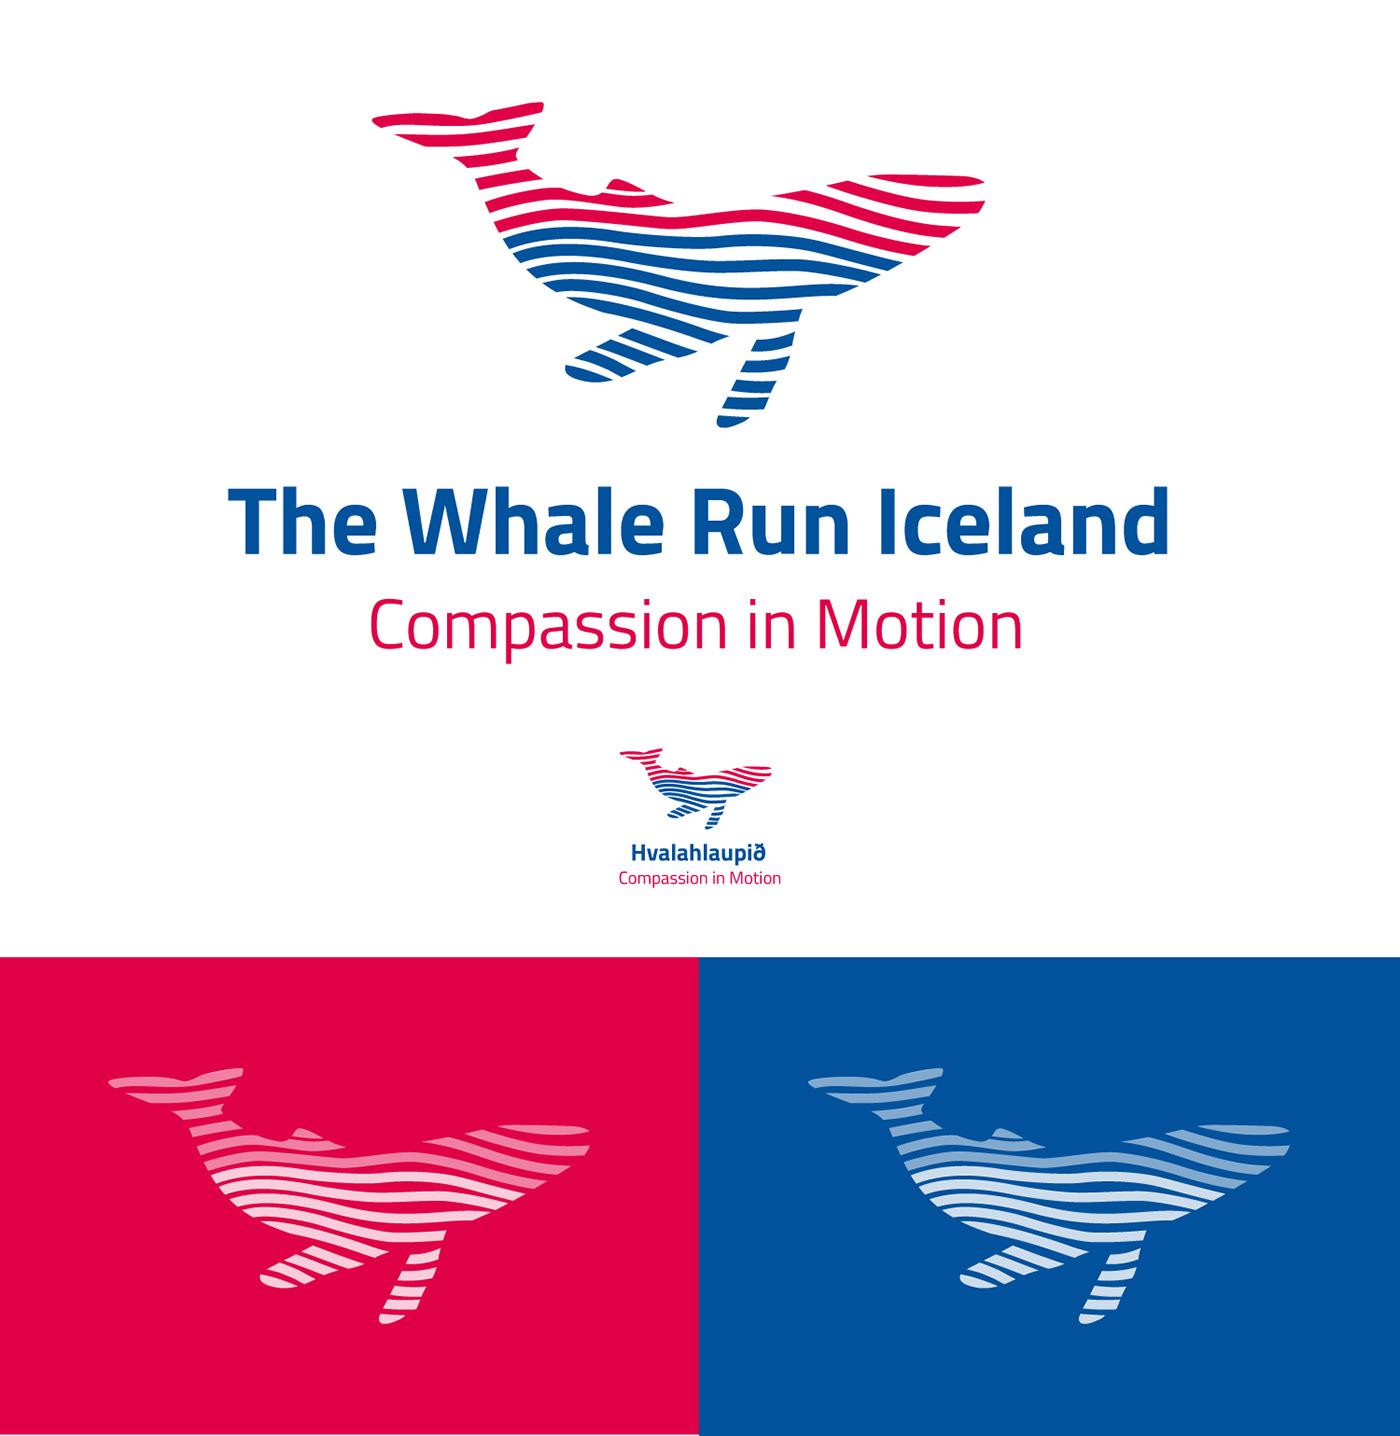 logo The Whale Run